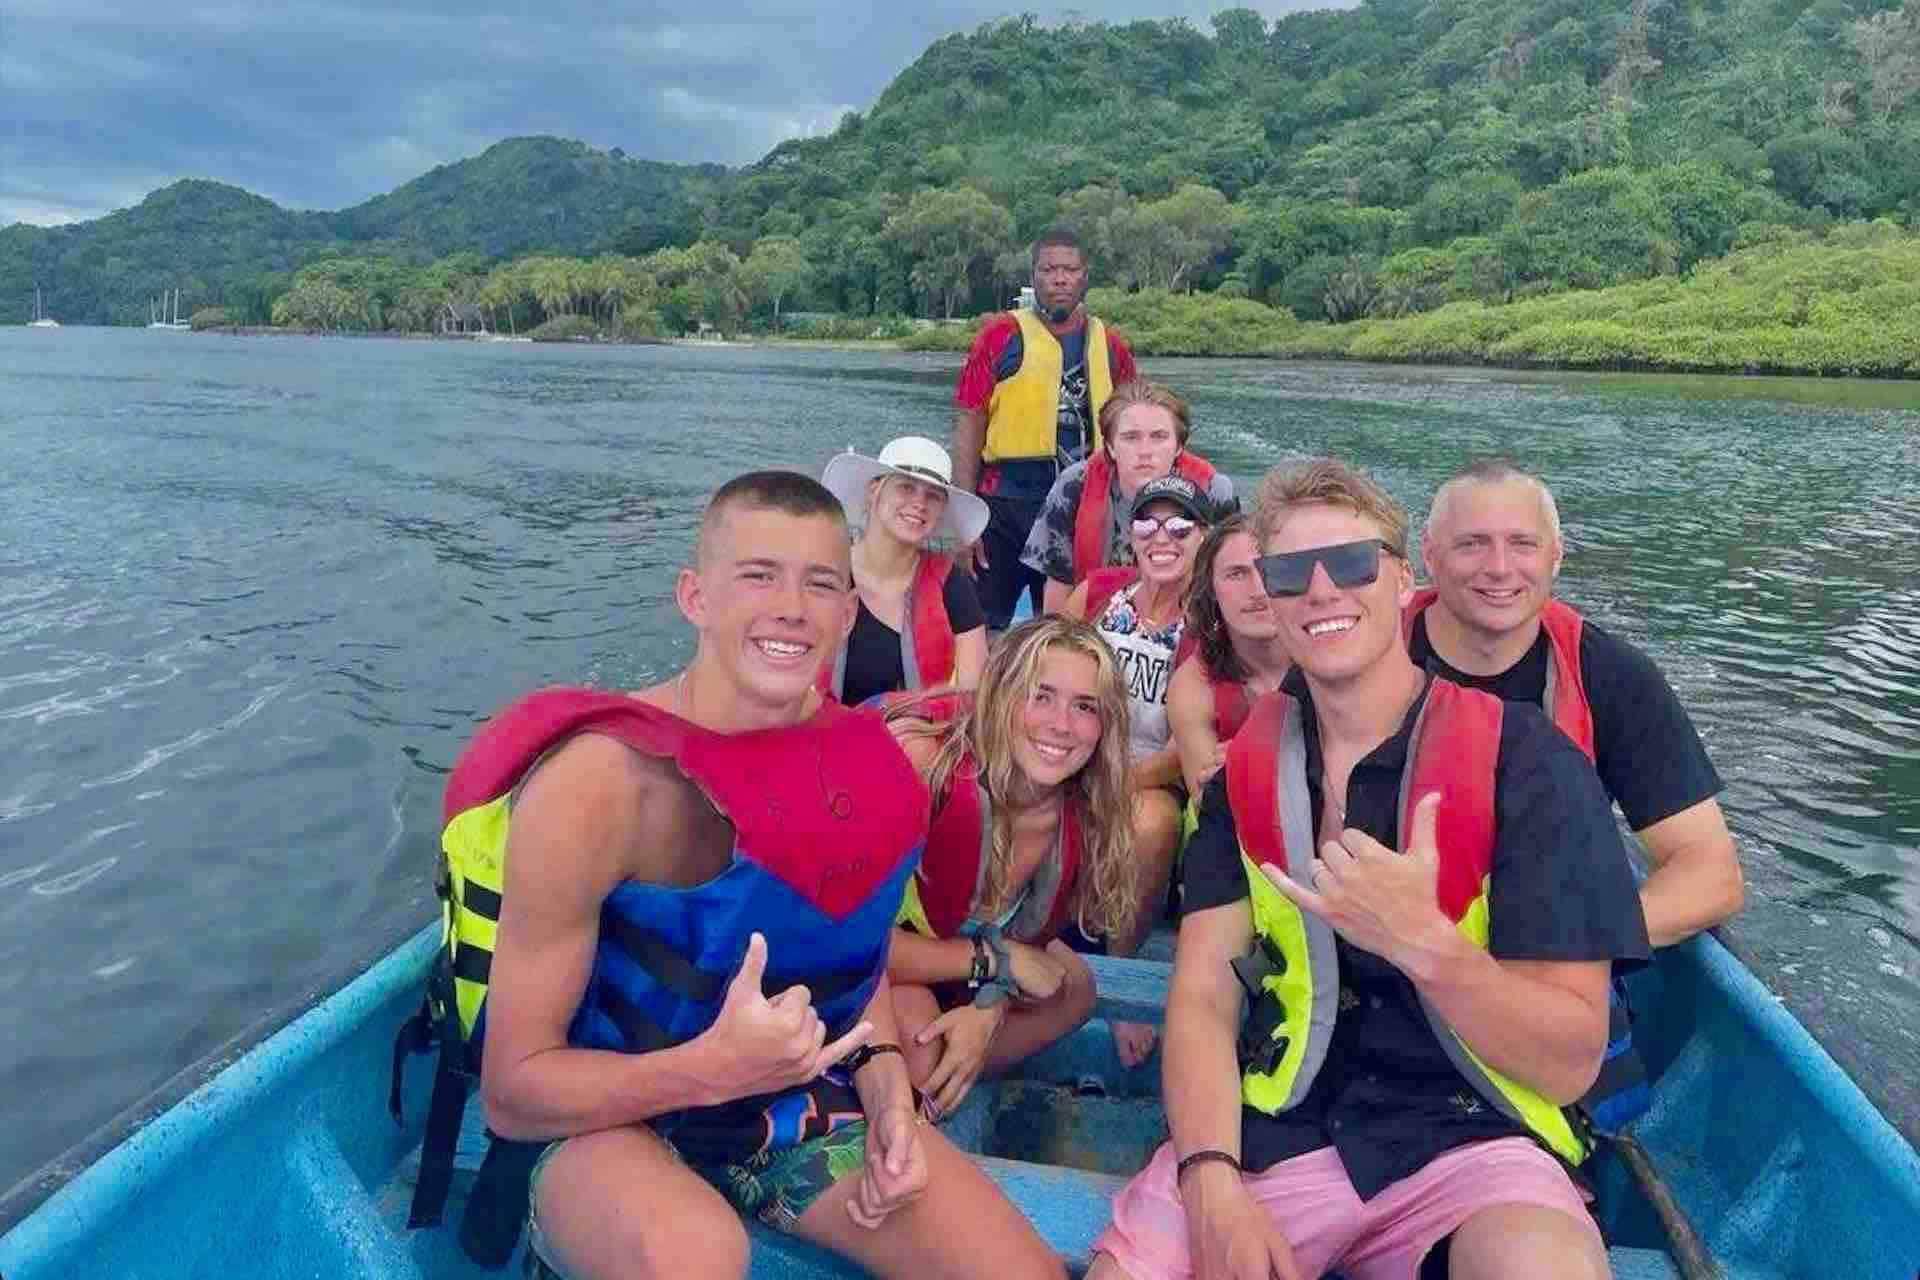 Panama Caribbean tour guests in lancha boat